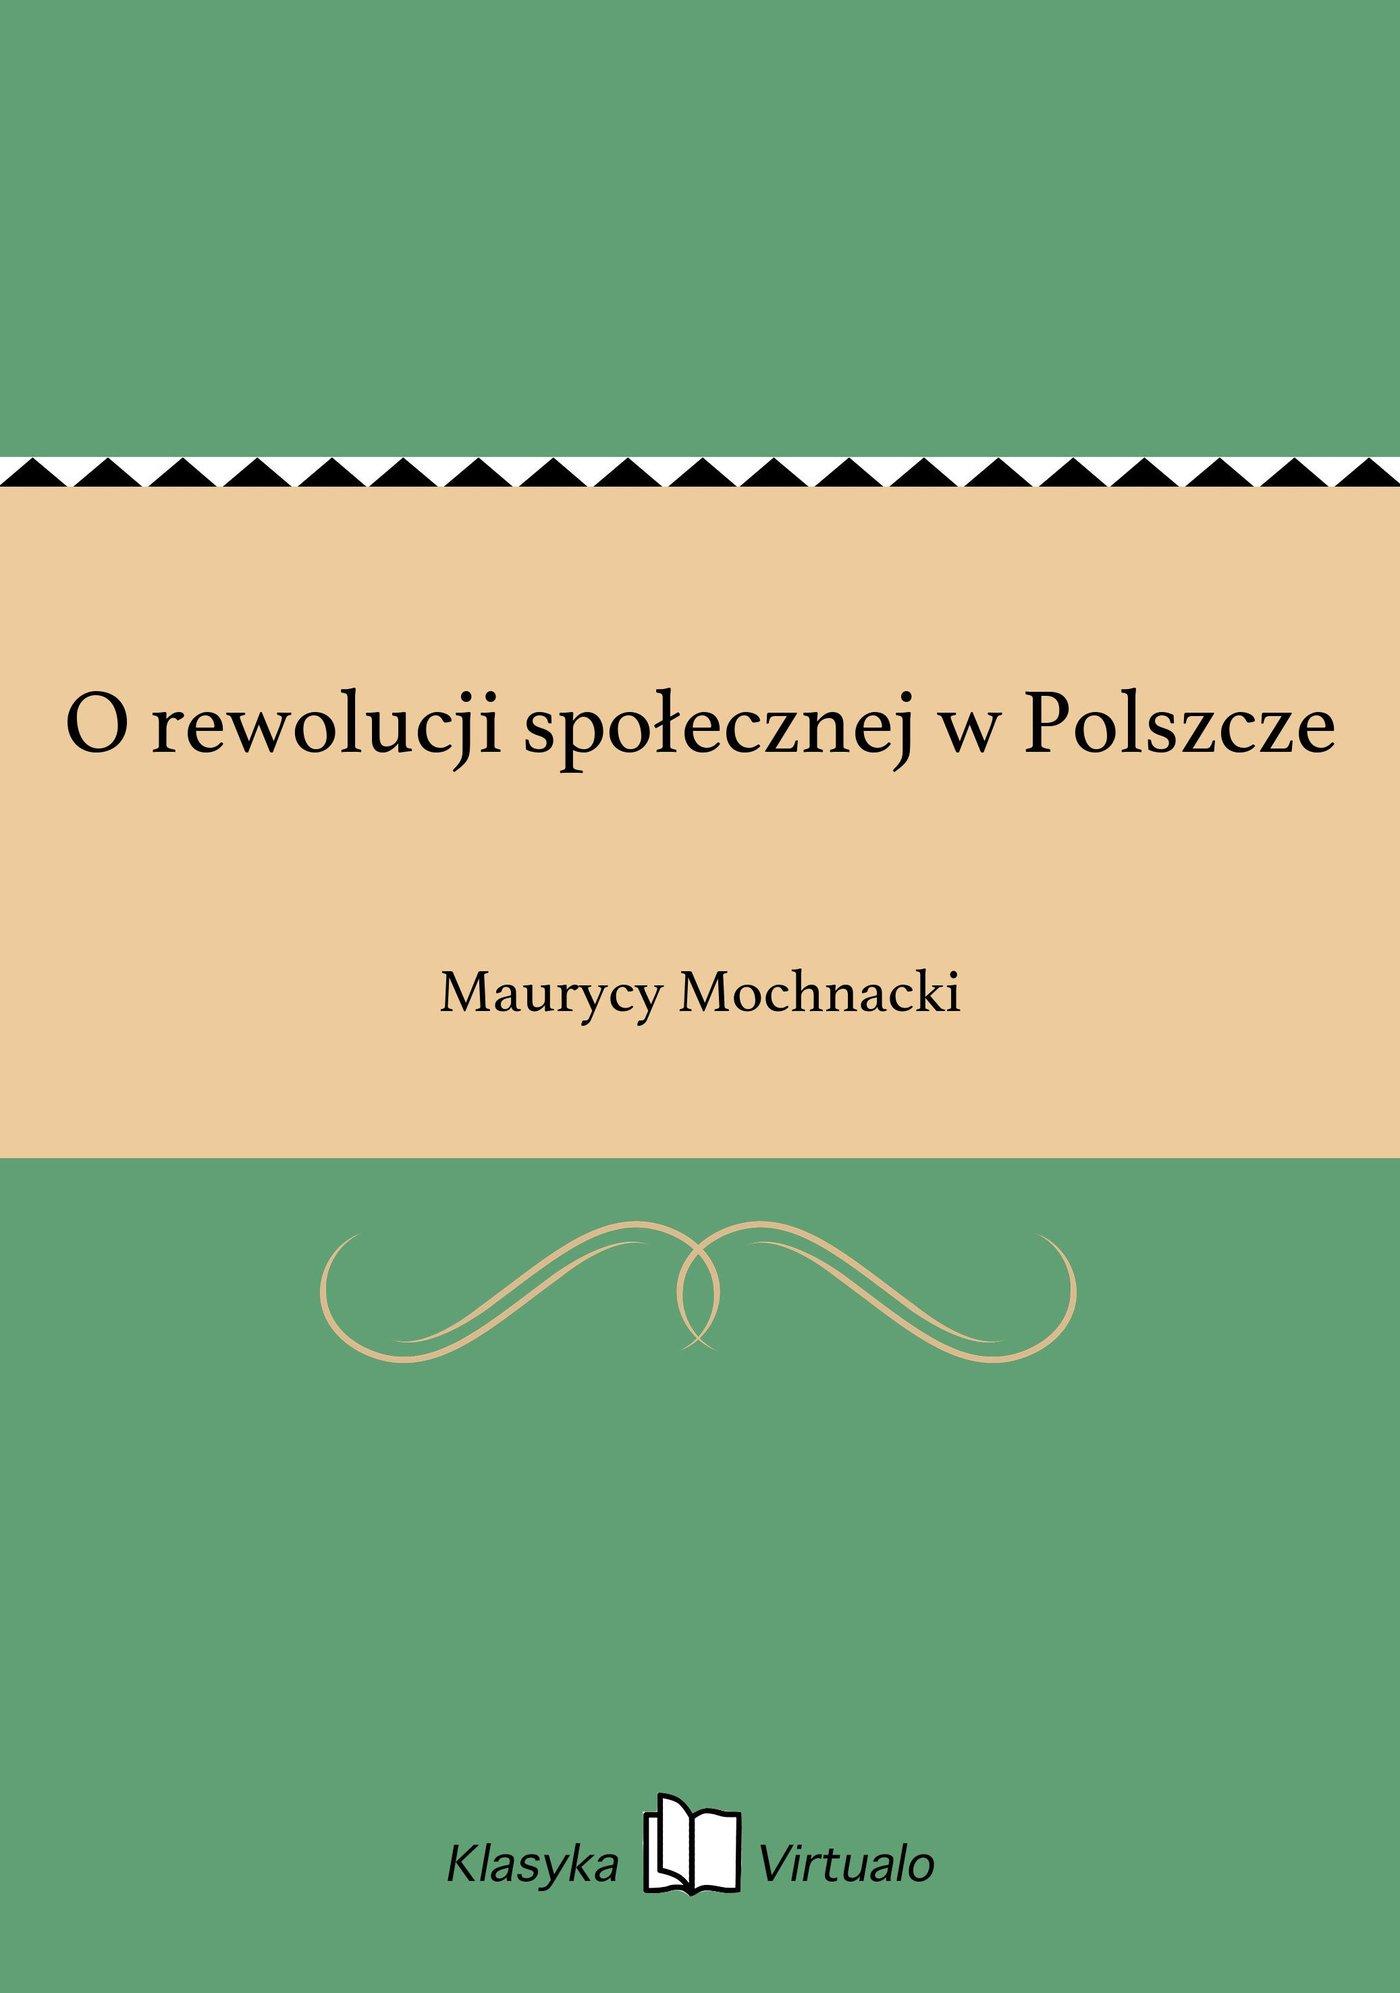 O rewolucji społecznej w Polszcze - Ebook (Książka na Kindle) do pobrania w formacie MOBI